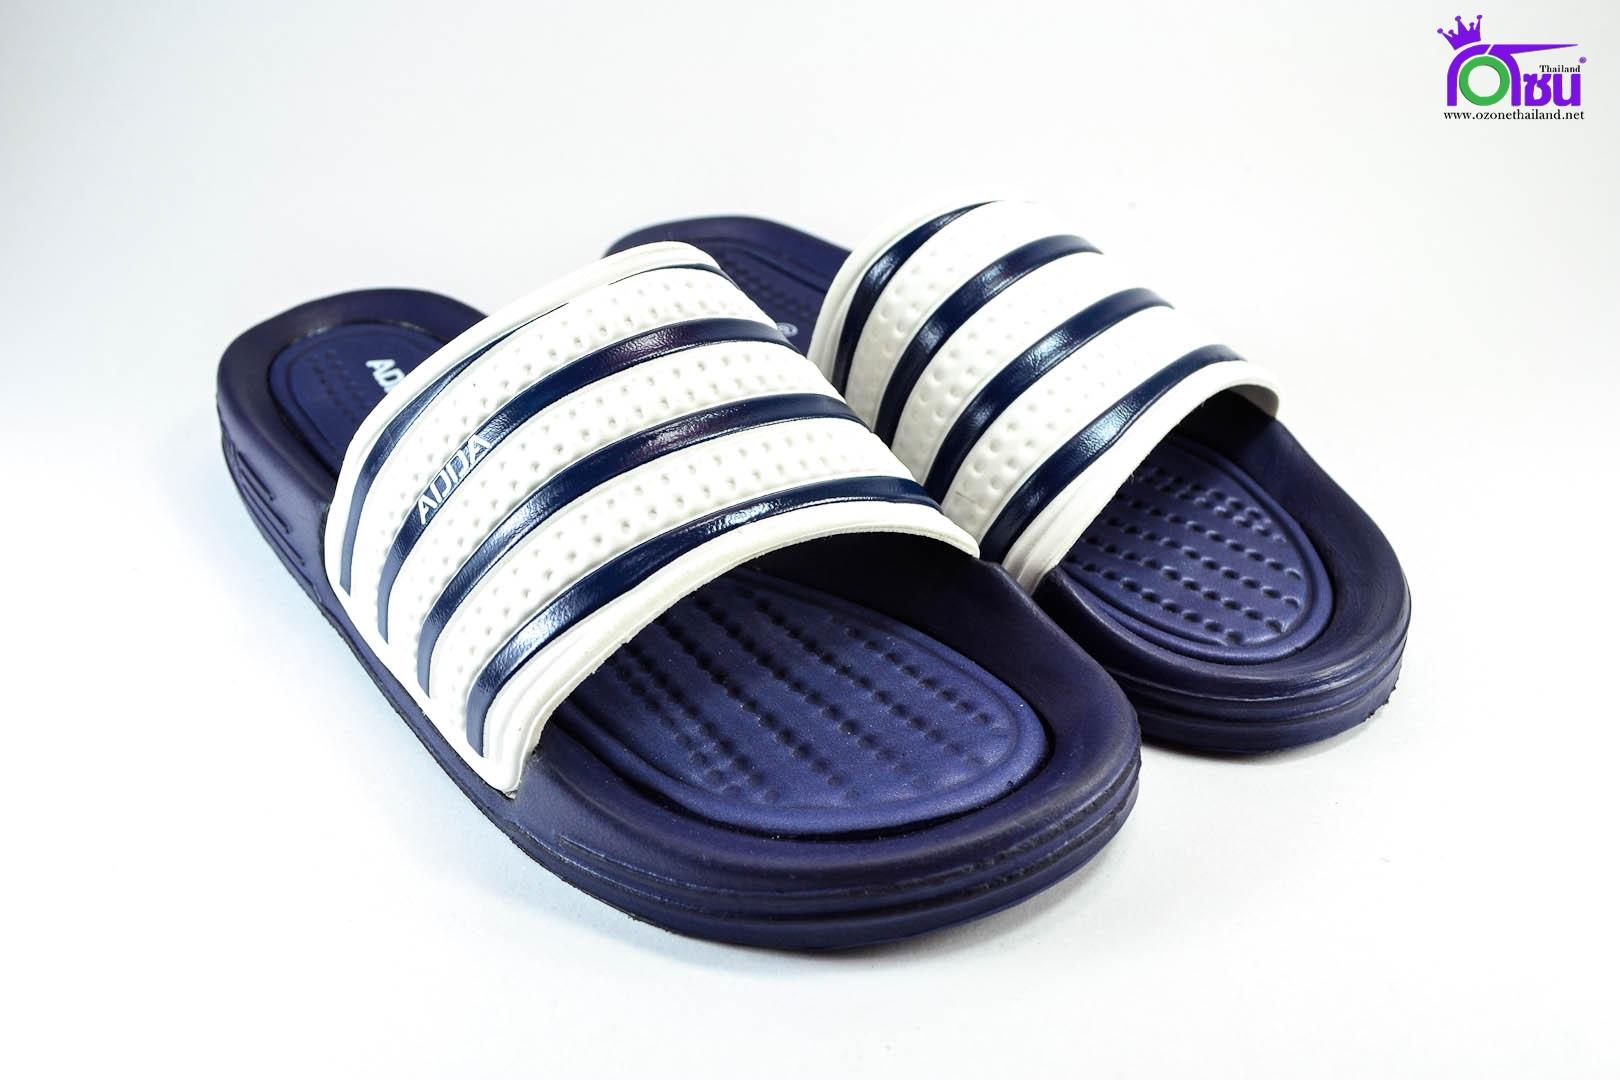 รองเท้าแตะ ADDA 3T15 กรม-ขาว